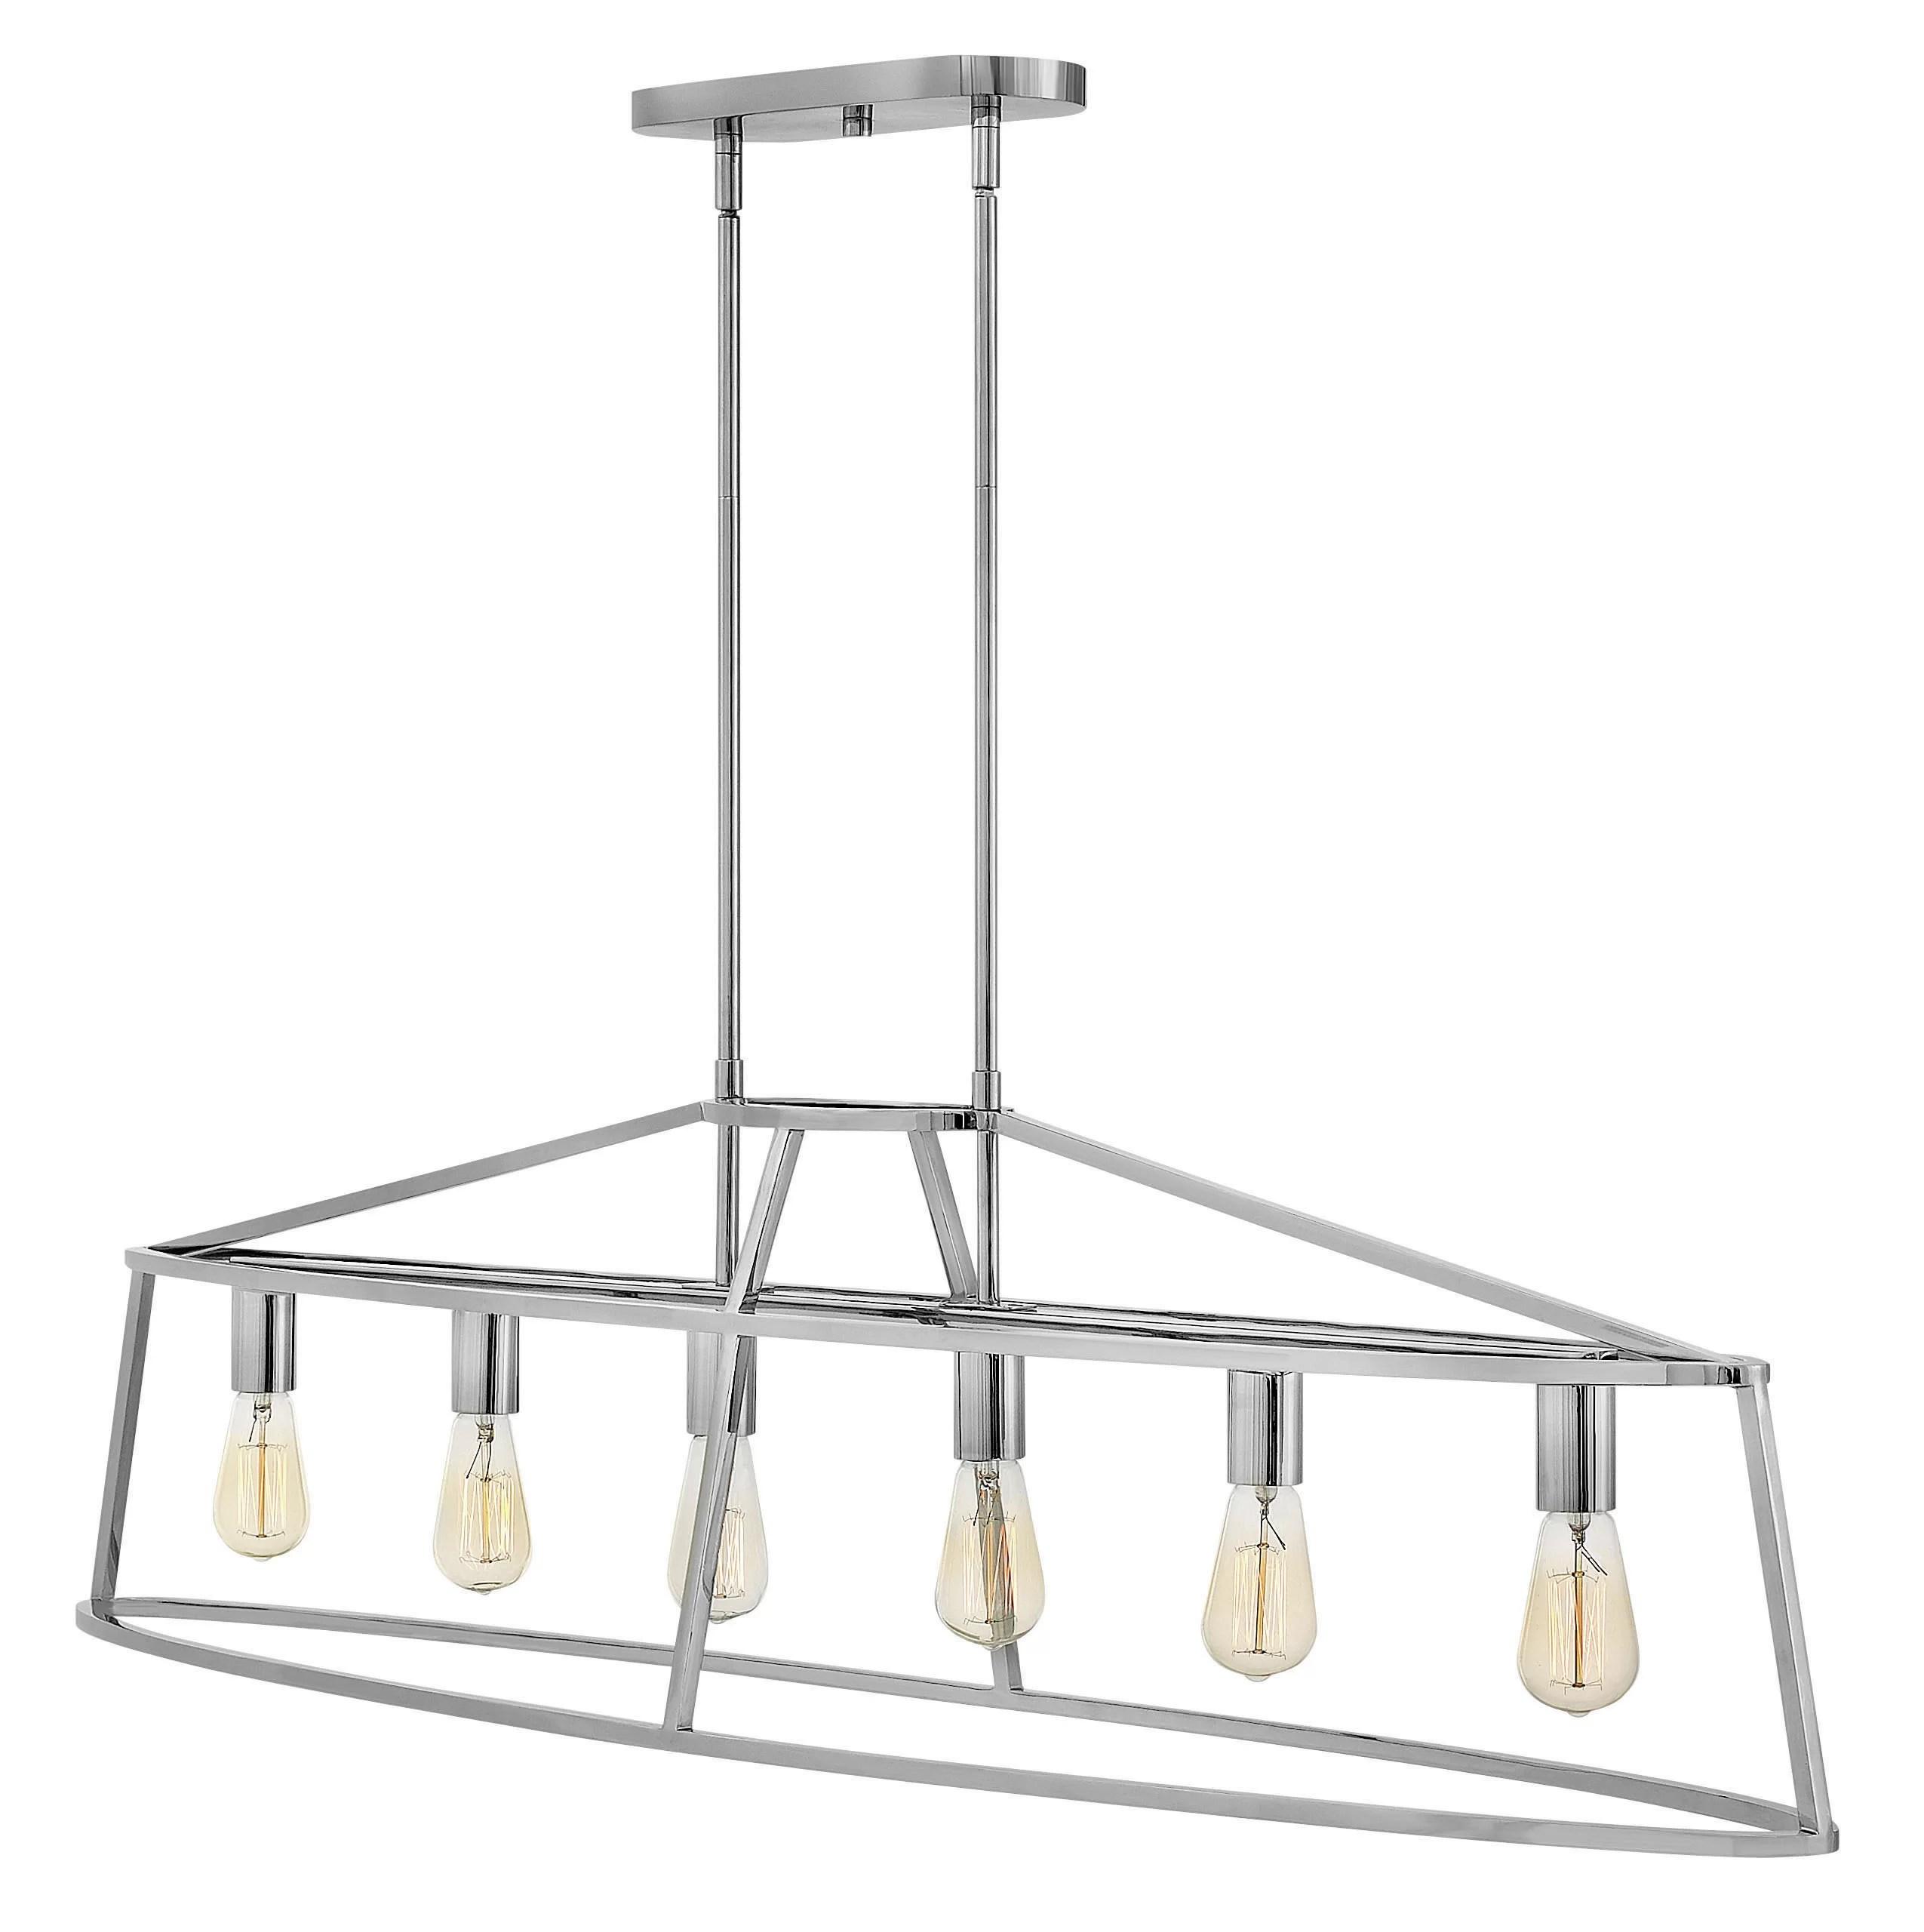 Hinkley Lighting Middleton 6 Light Kitchen Island Linear